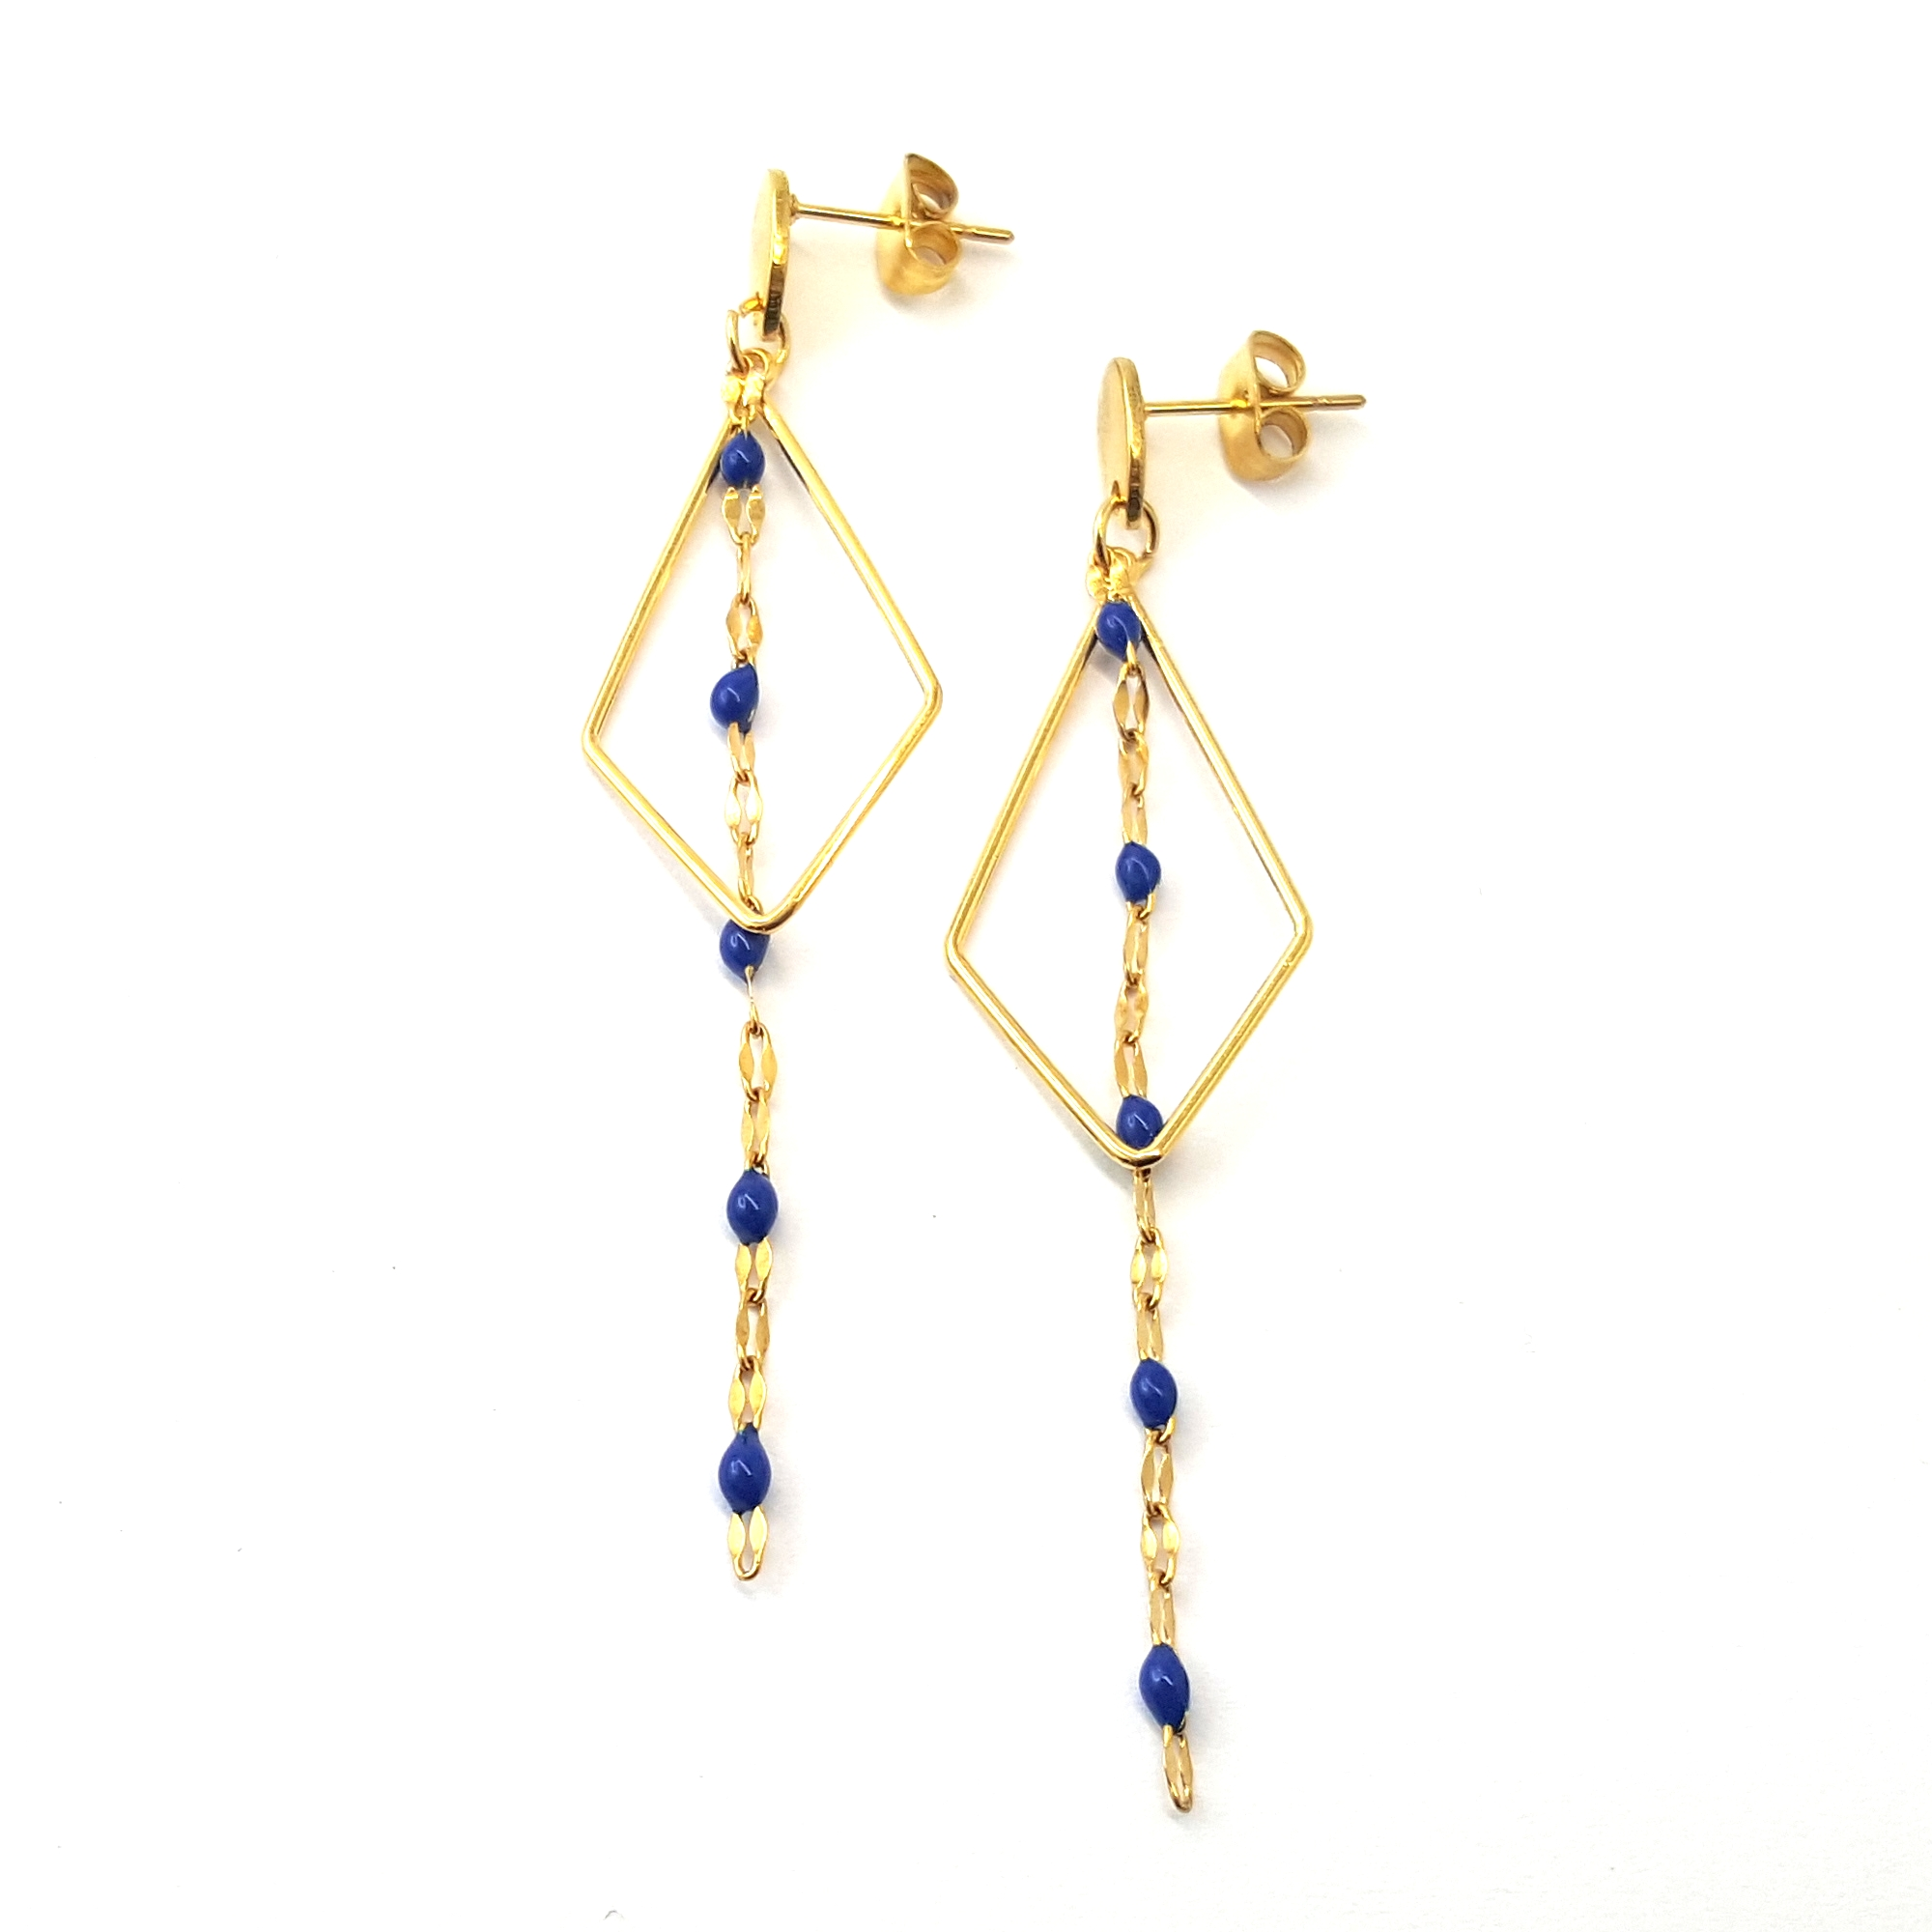 Boucles d'oreilles losange et chaîne émaillé bleu nuit